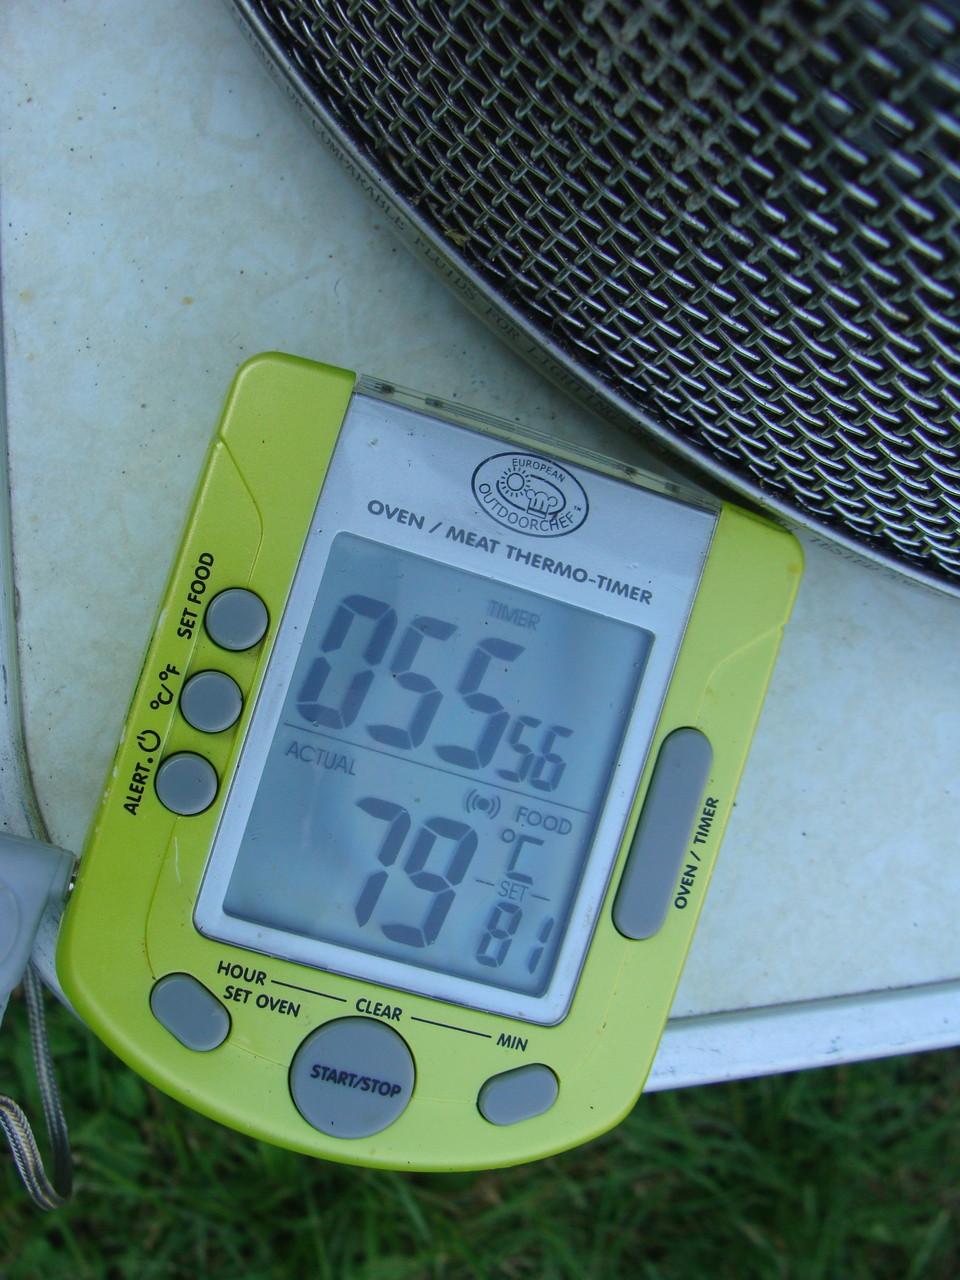 Die Kernthemperatur sollte bei 78-80° liegen. Dann ist der Braten saftig und fertig.